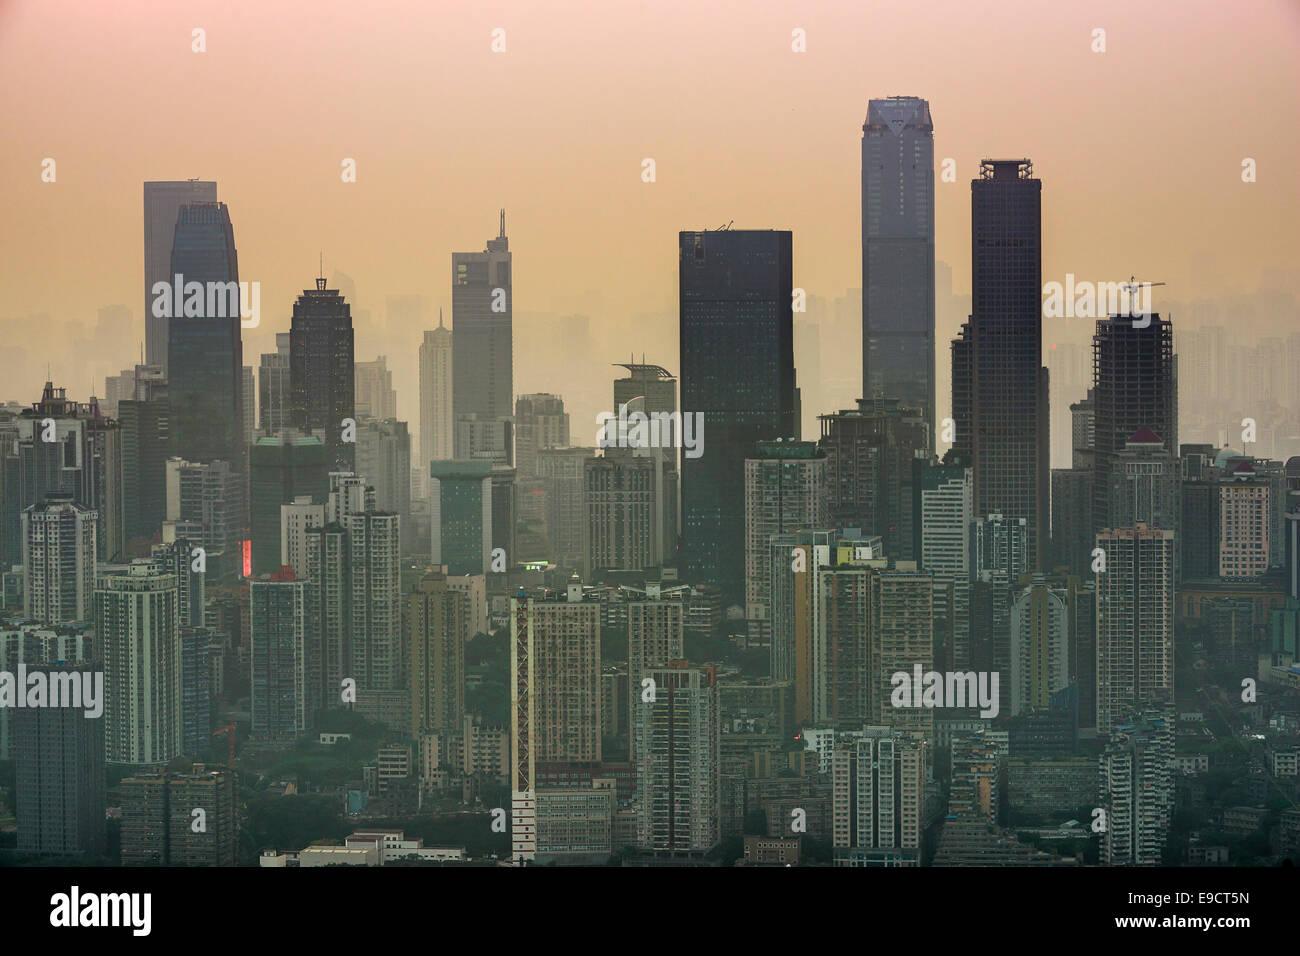 Skyline von Chongqing, China. Stockbild